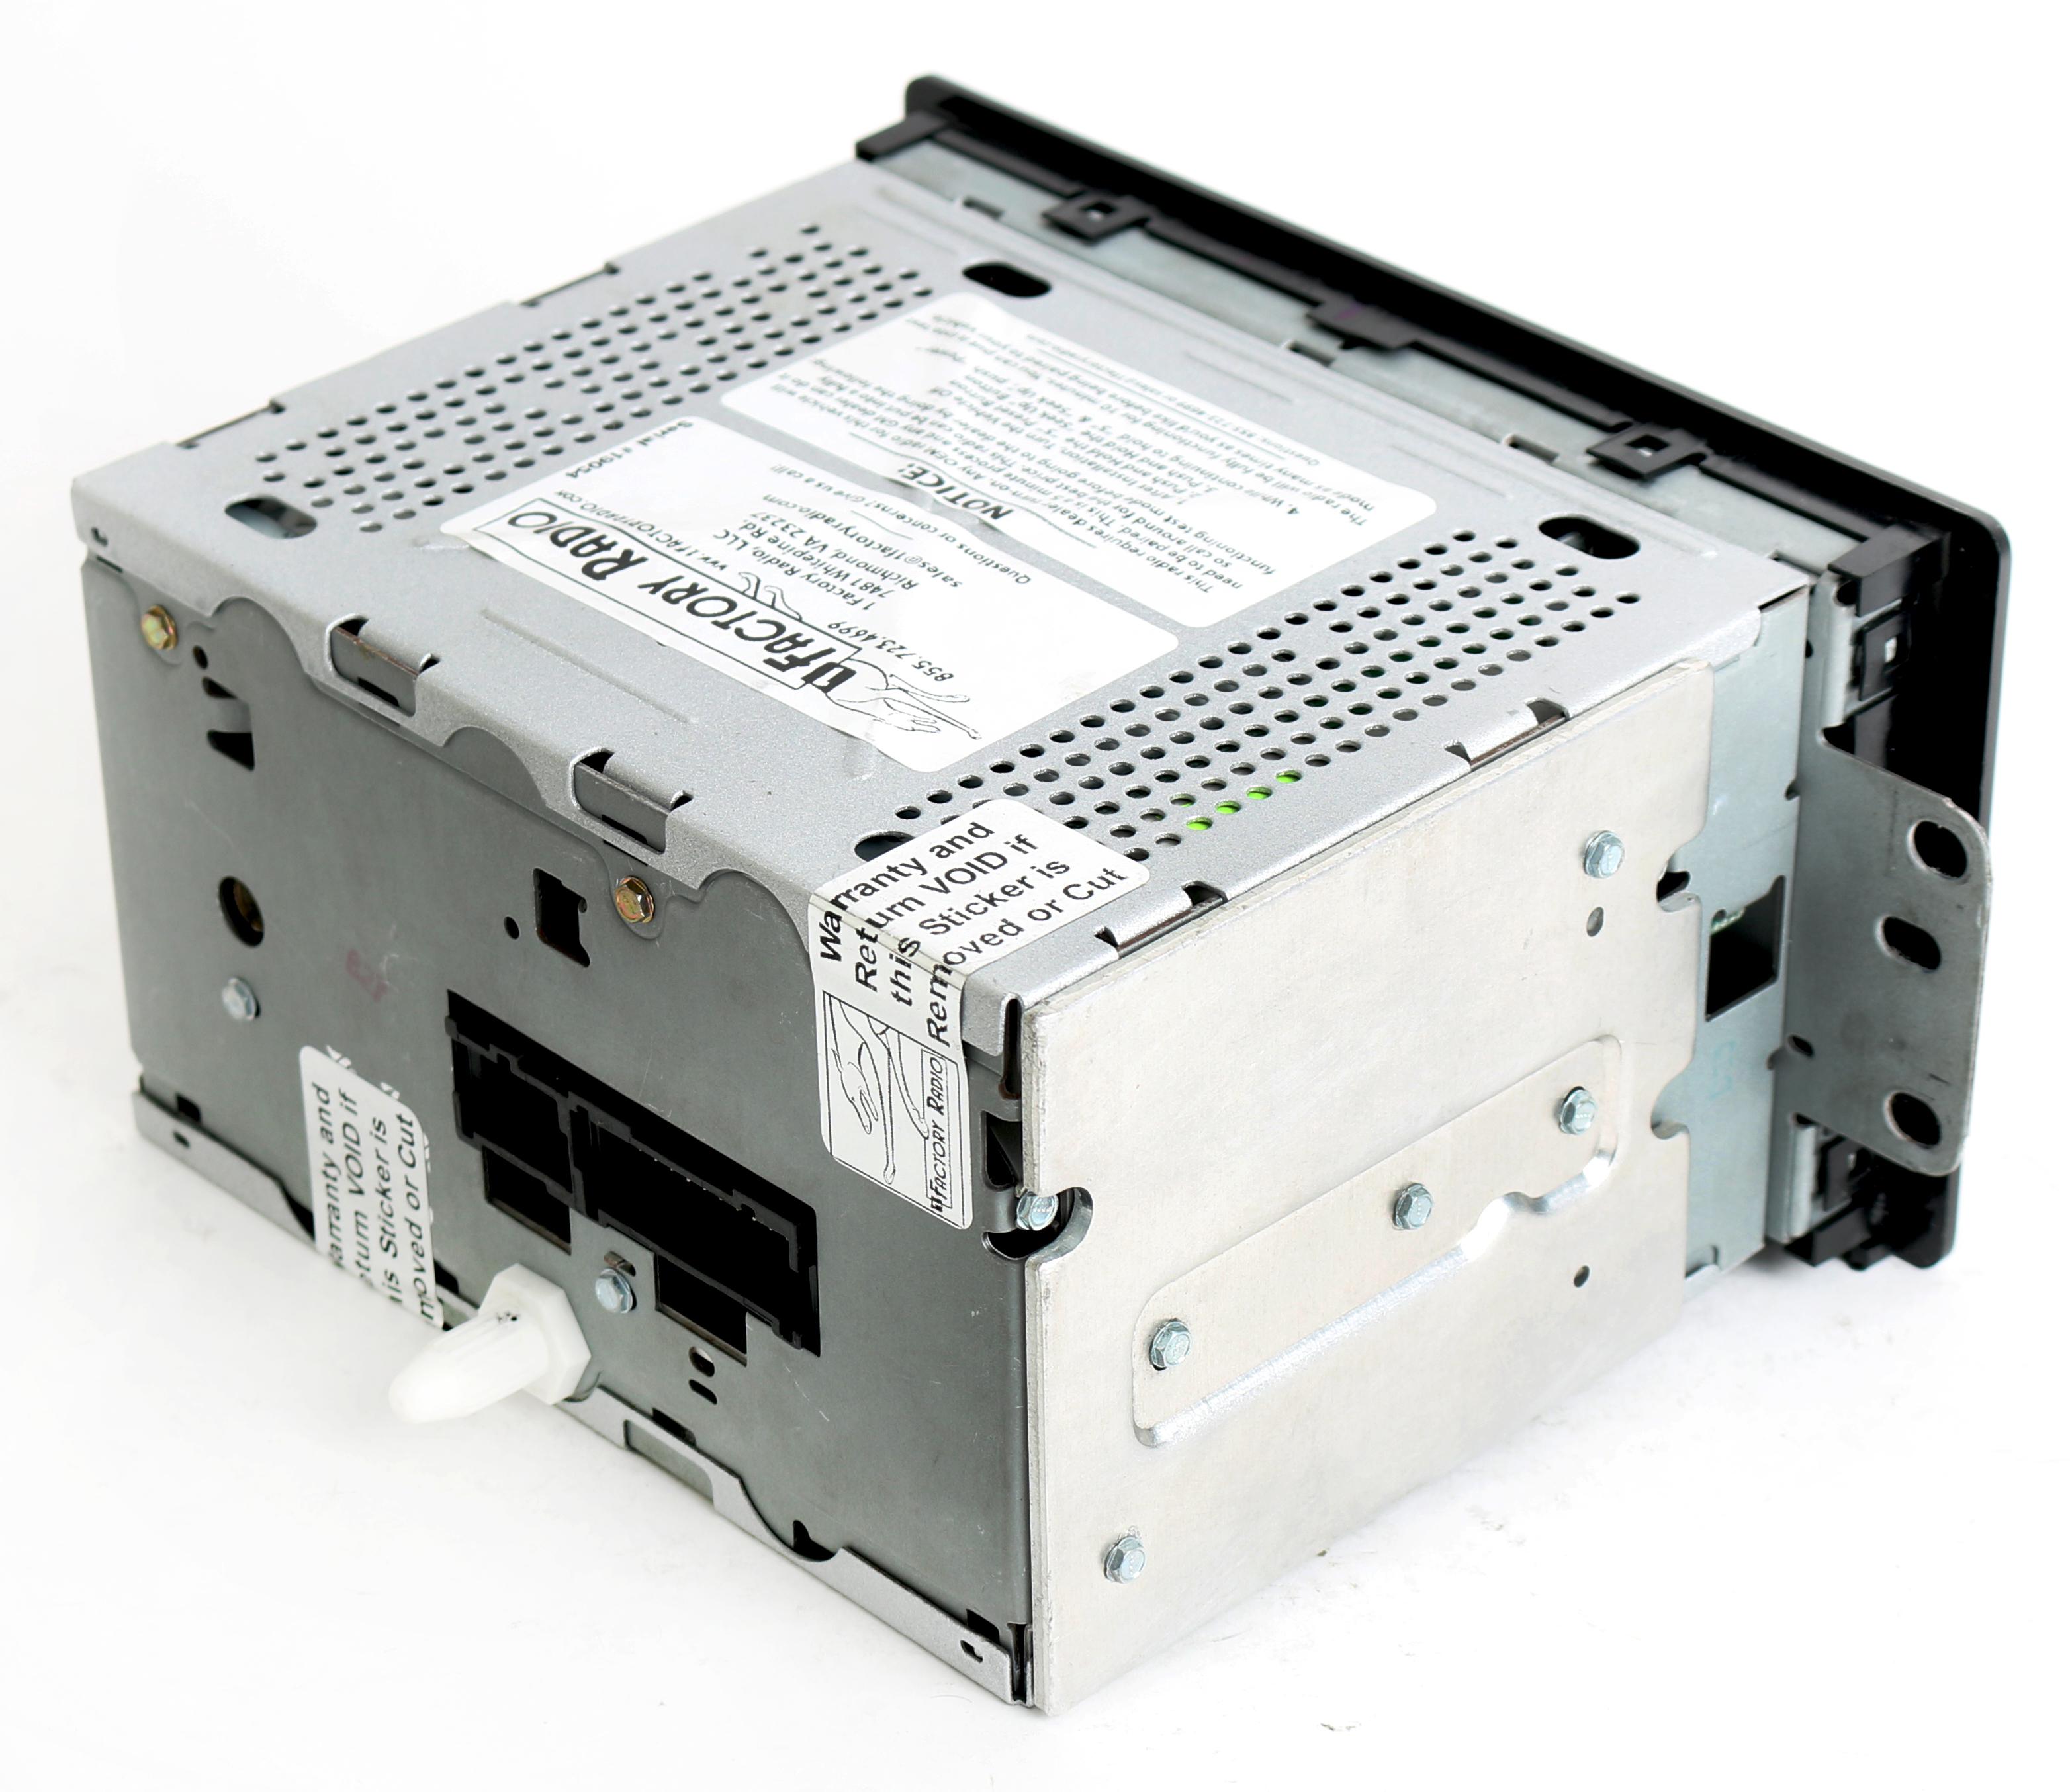 [SCHEMATICS_49CH]  4766552 Gm Delco Stereo Wiring Model 1400 | Wiring Library | Delco Radio 16139837 Wiring Diagram |  | Wiring Library